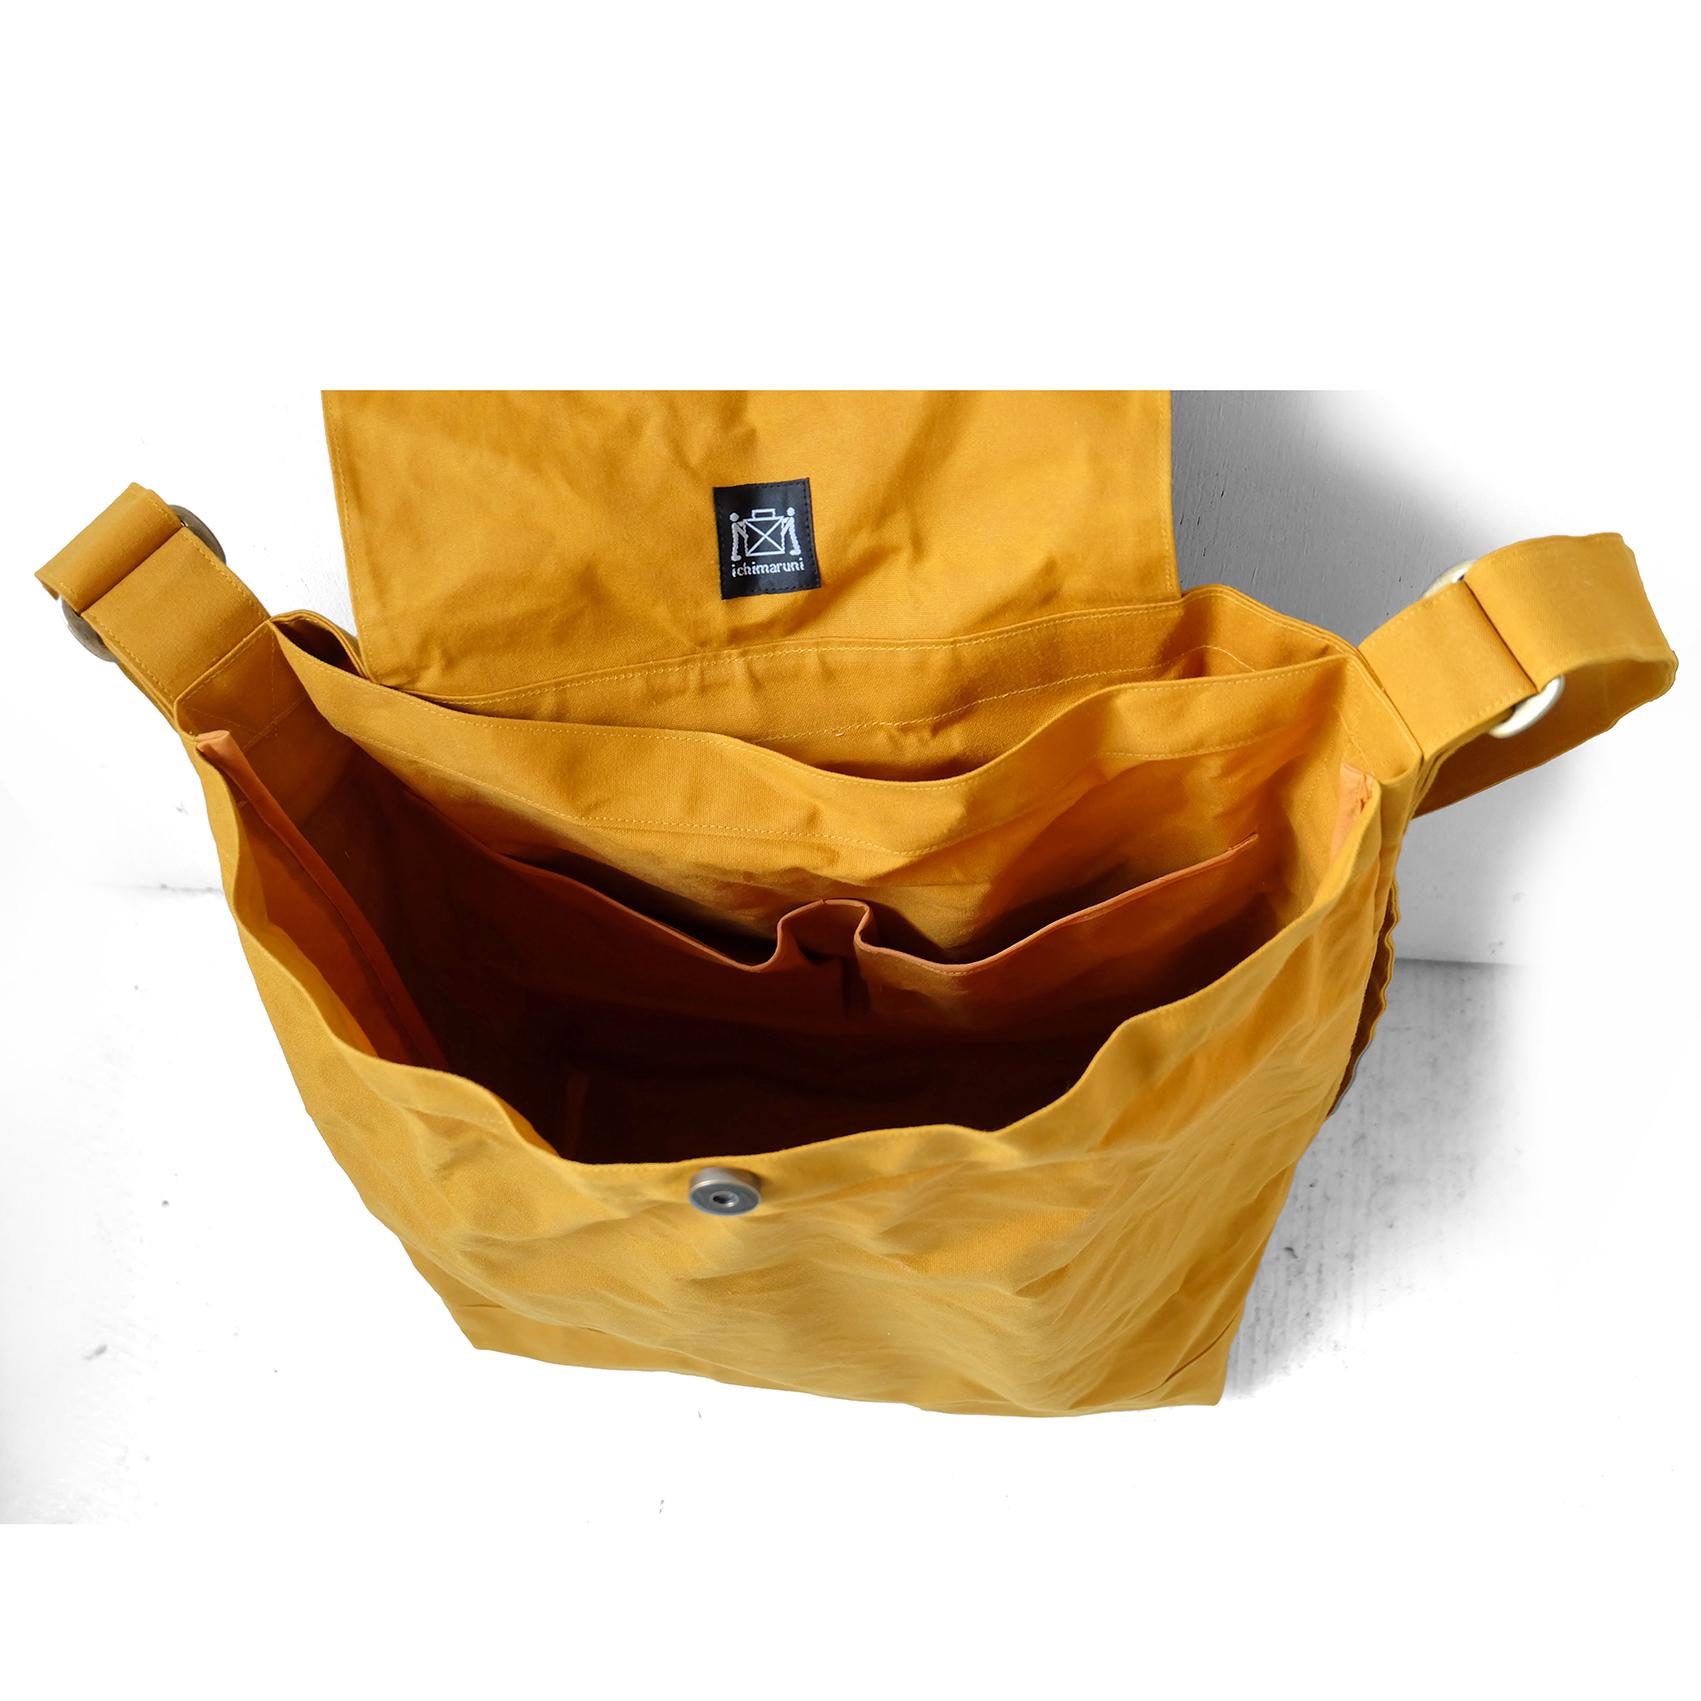 内部の大型ポケット